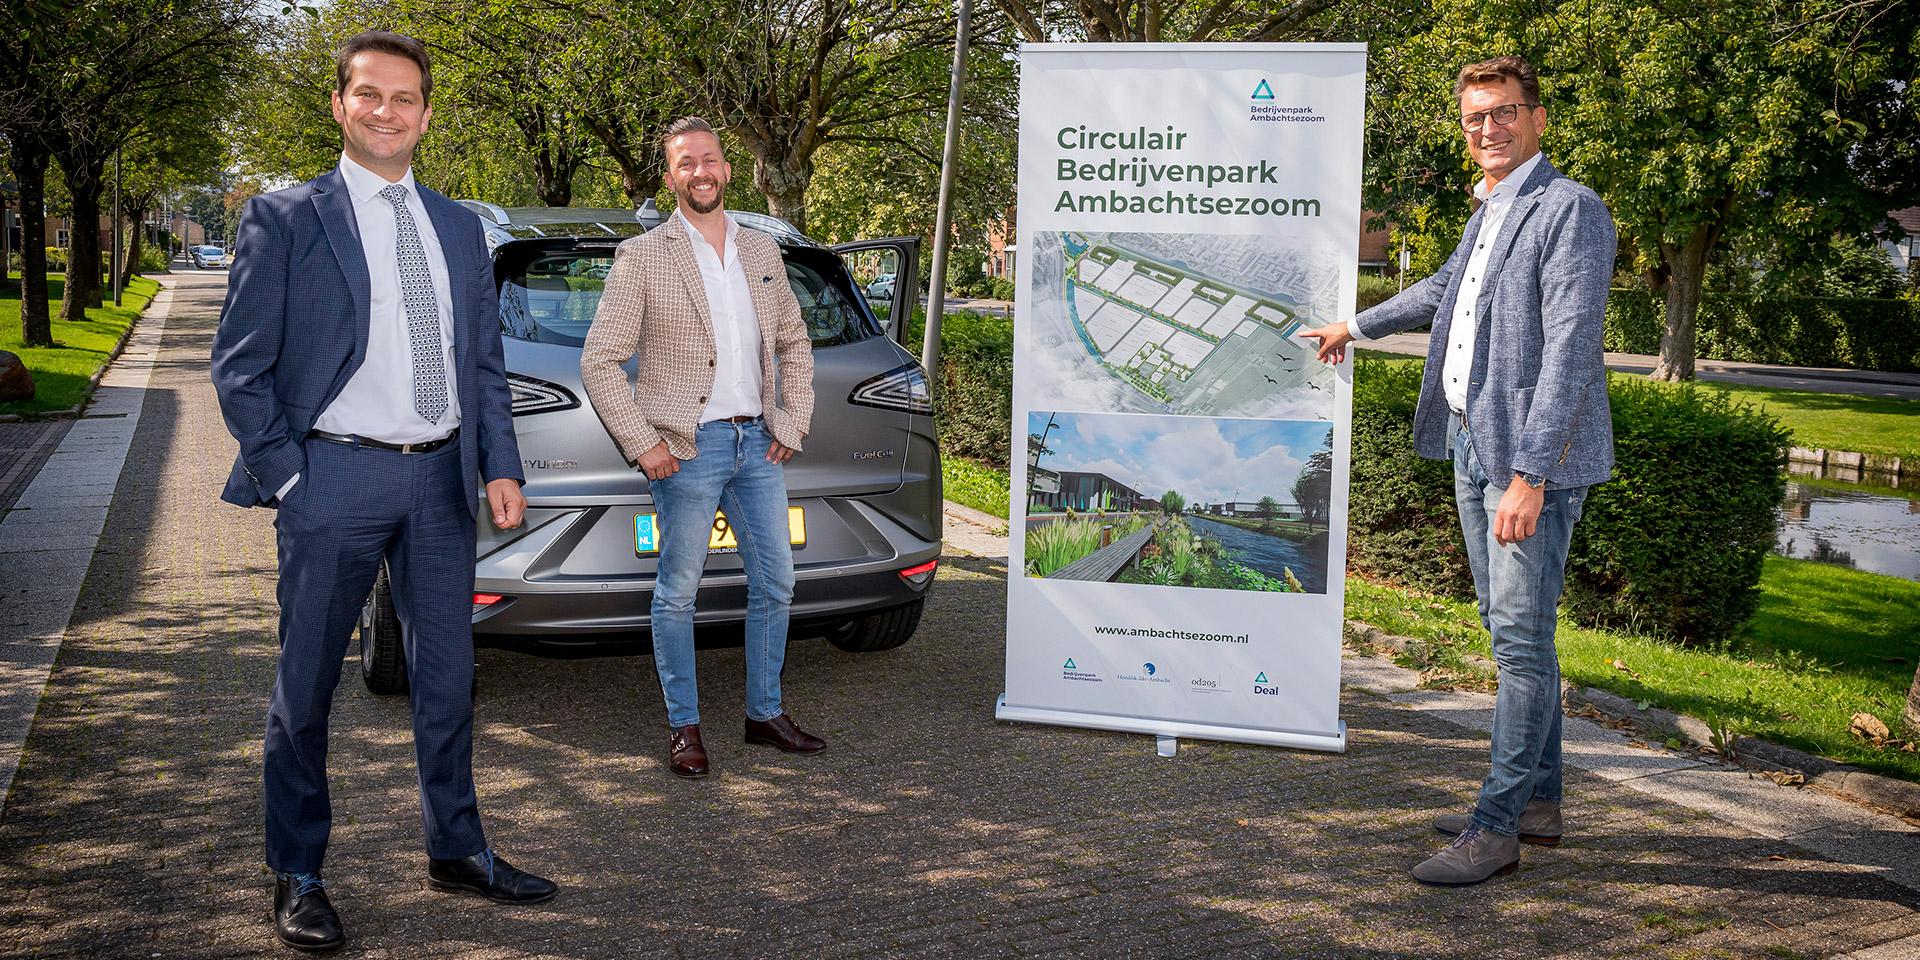 117 jaar oud familiebedrijf Berkman kiest voor innovatie op circulair bedrijvenpark Ambachtsezoom